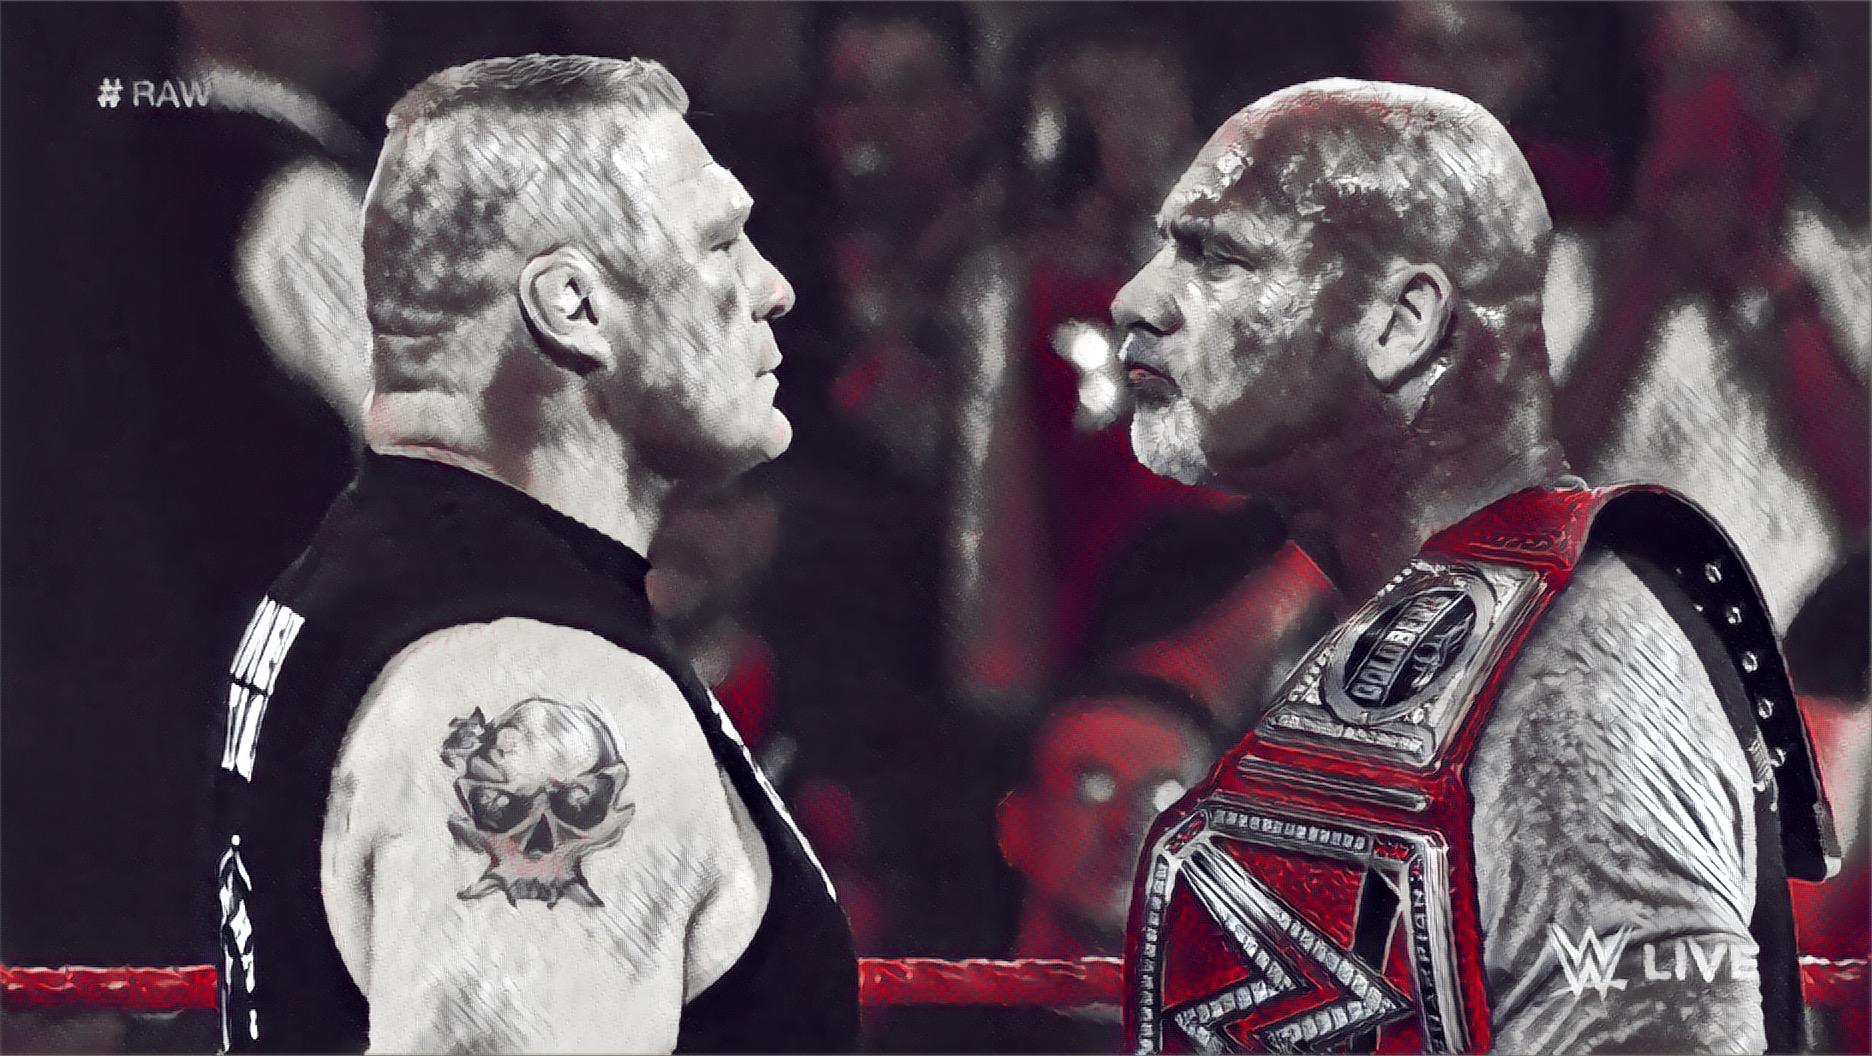 Goldberg vs Lesnar set for Mania